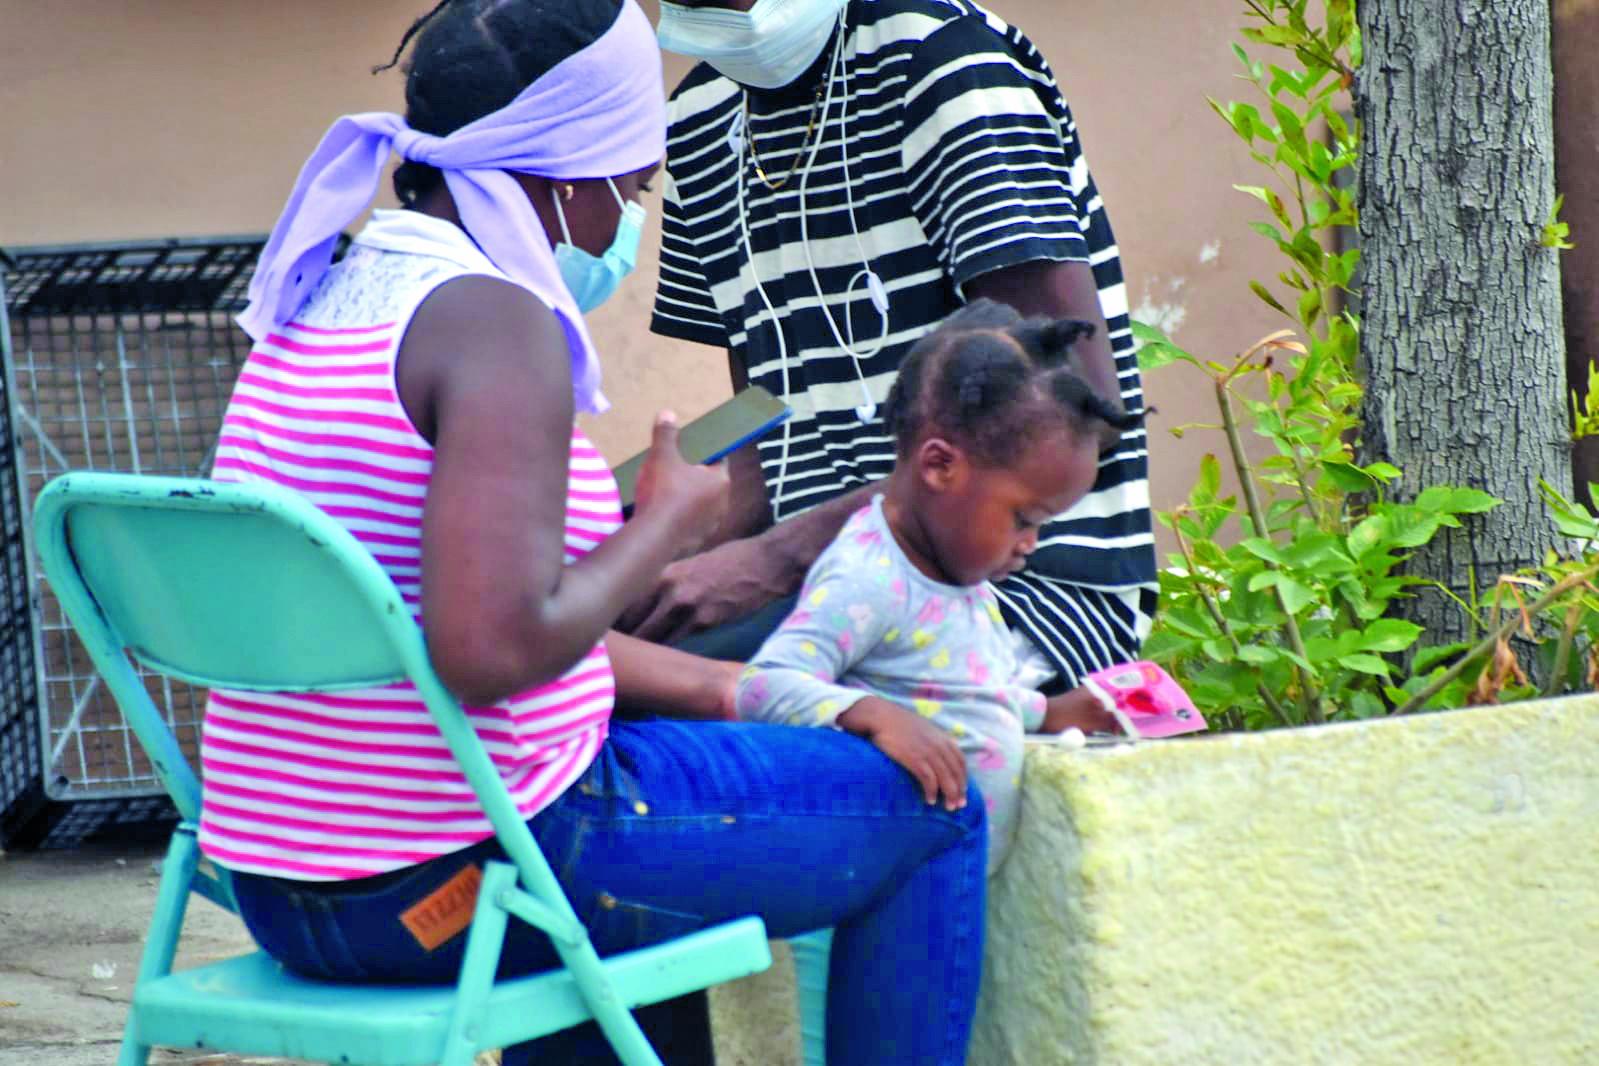 Los Católicos brindan asesoramiento legal y hospedaje a los migrantes haitianos